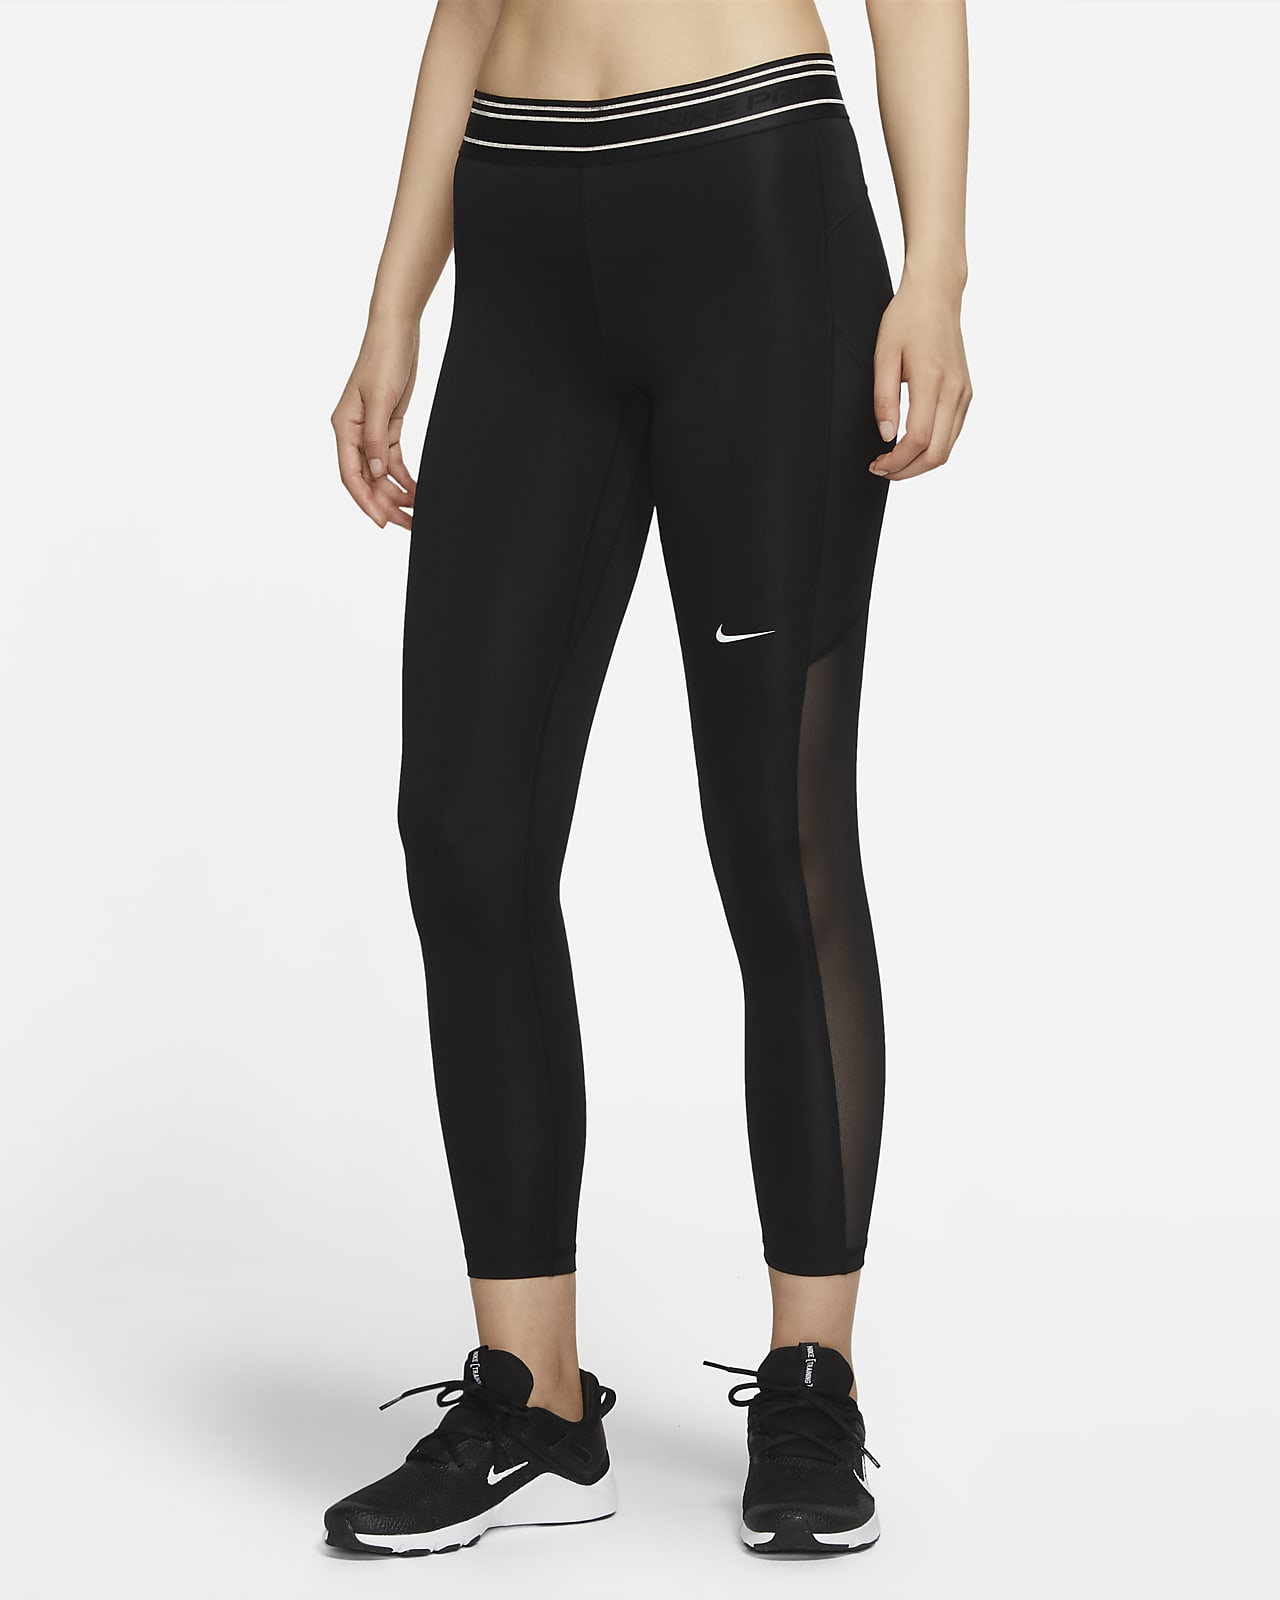 Nike Pro Dri-FIT 女子中腰训练紧身裤